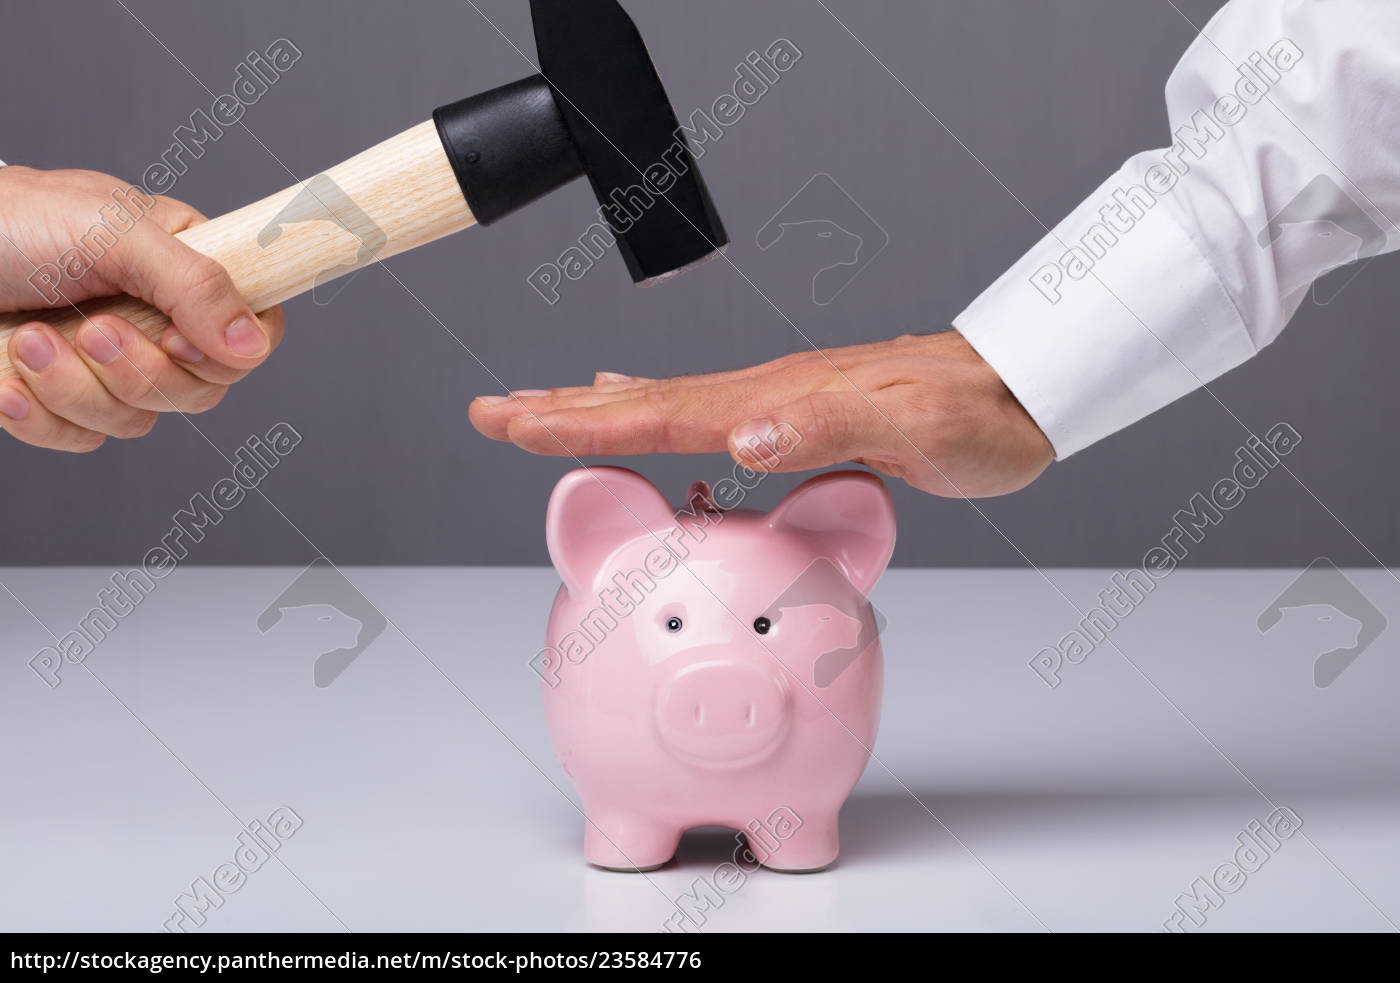 businessman's, hand, saving, piggybank - 23584776